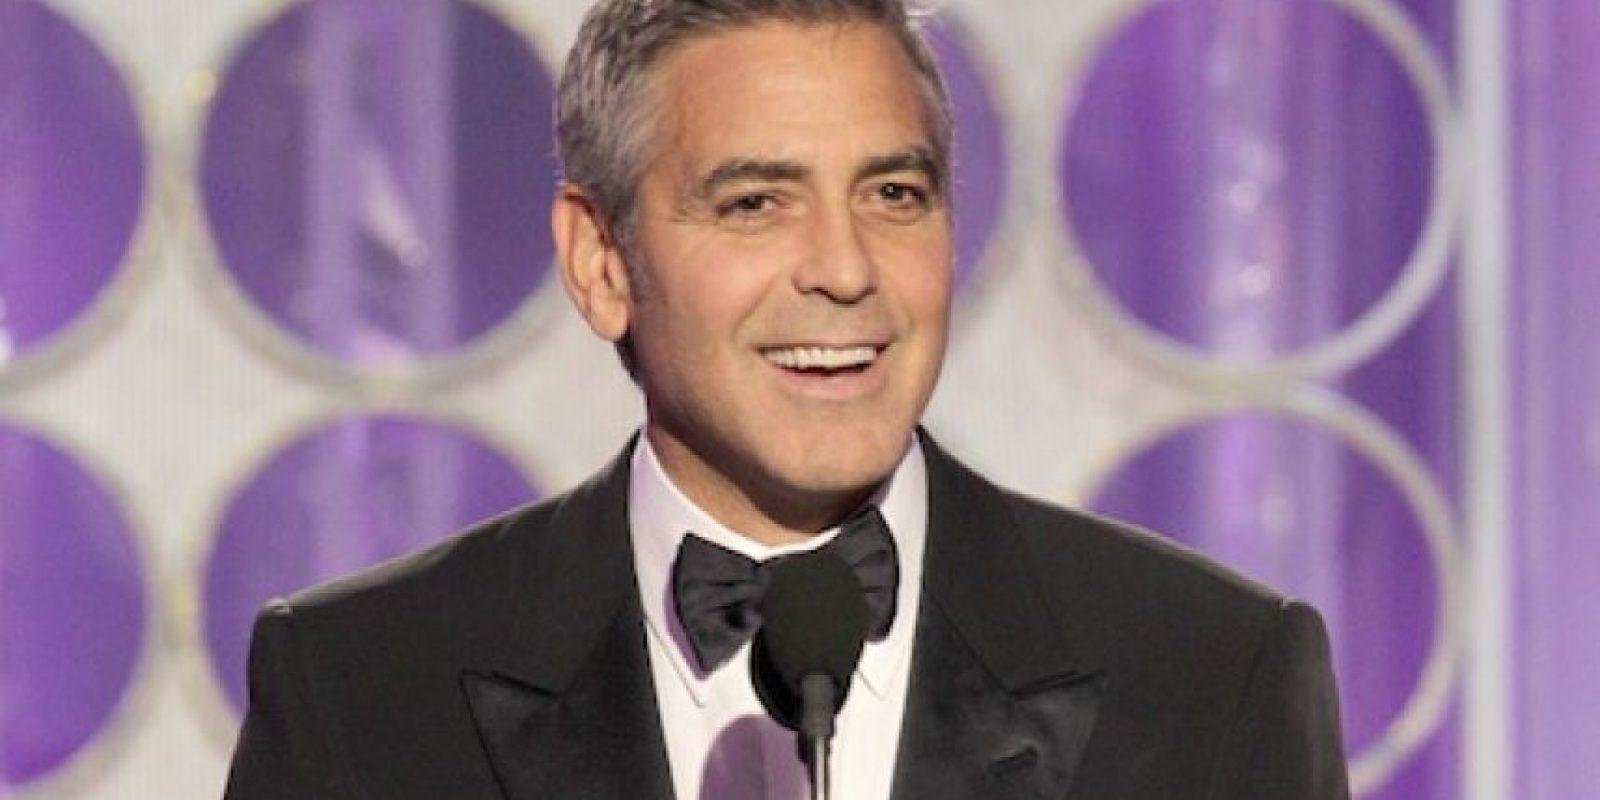 """George Clooney, por """"The descendents"""", ganó el Globo de Oro al mejor actor dramático del 2011 en la 69 entrega de premios de la Asociación de Prensa Extranjera de Hollywood Foto:AP"""